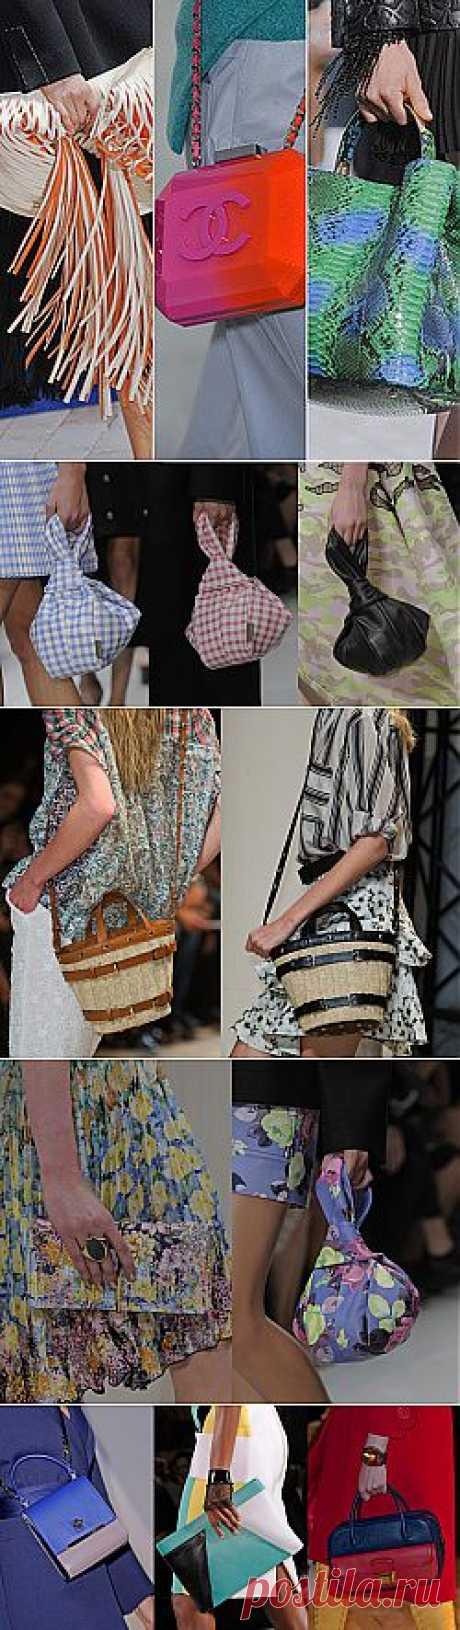 Неделя моды в Париже весна-лето 2014. Самые стильные аксессуары | Умелые ручки